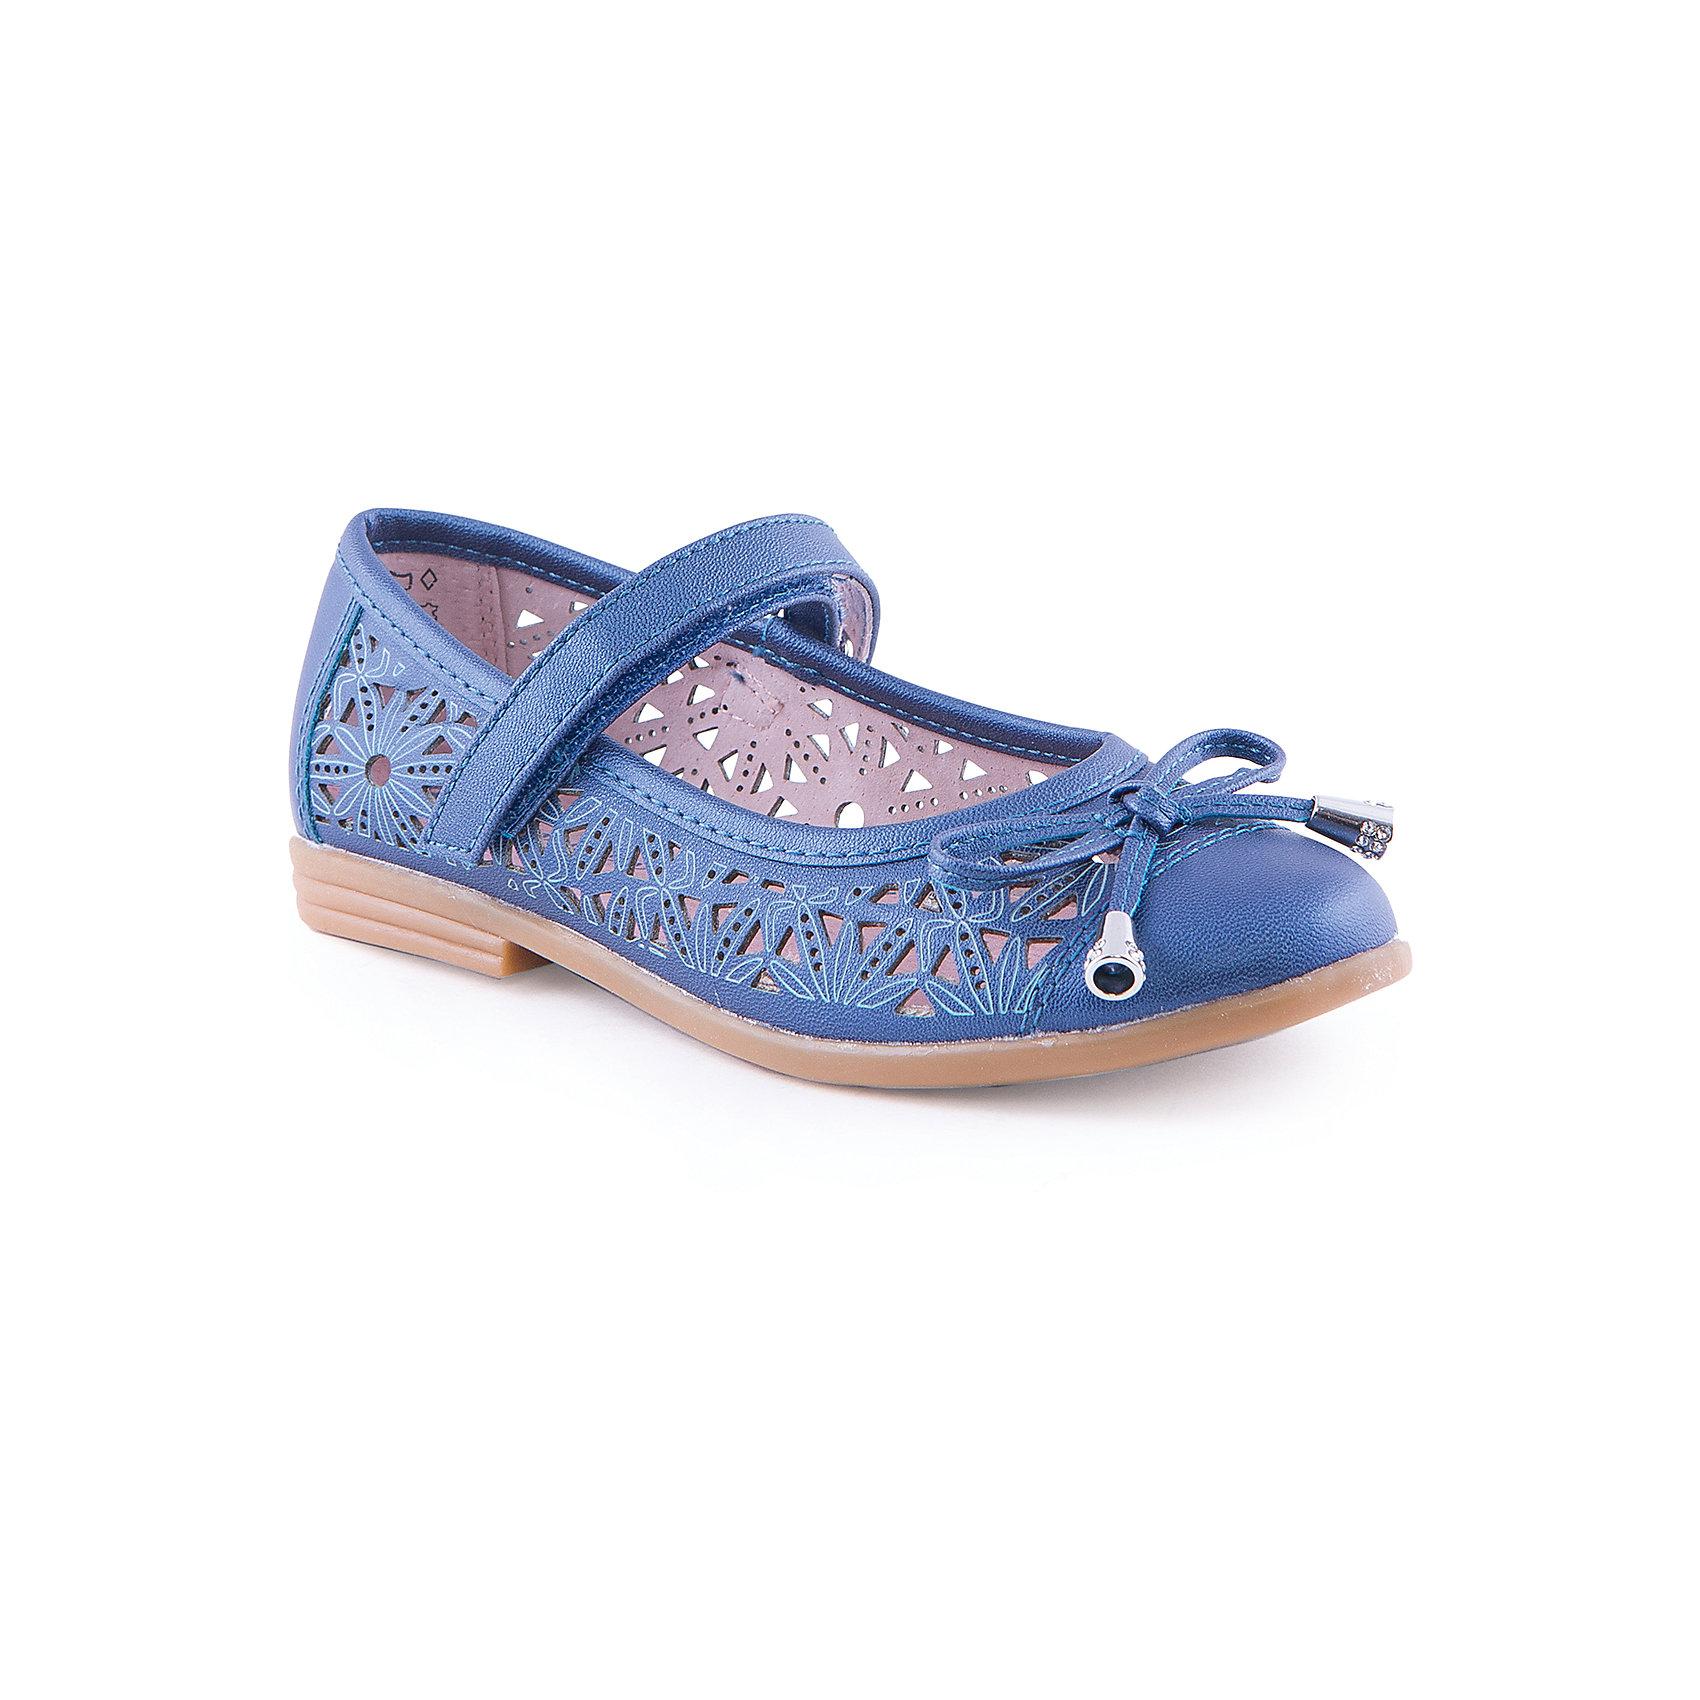 Туфли для девочки КотофейТуфли для девочки от известного российского бренда Котофей <br><br>Удобные туфли выполнены в красивом синем цвете, украшены перфорацией. <br>Модель легко надевается. Удобная подошва позволяет избегать скольжения практически на любой поверхности.<br><br>Особенности модели:<br><br>- цвет: синий;<br>- тонкая гибкая подошва;<br>- застежка: липучка;<br>- вид крепления обуви: клеевой;<br>- качественные материалы;<br>- декорированы вырубленным узором и бантом;<br>- хорошее облегание.<br><br>Дополнительная информация:<br><br>Состав: <br><br>верх - искусственная кожа;<br>подошва - ТЭП.<br><br>Туфли для девочки Котофей можно купить в нашем магазине.<br><br>Ширина мм: 227<br>Глубина мм: 145<br>Высота мм: 124<br>Вес г: 325<br>Цвет: синий<br>Возраст от месяцев: 120<br>Возраст до месяцев: 132<br>Пол: Женский<br>Возраст: Детский<br>Размер: 34,30,31,32,33,35<br>SKU: 4565892